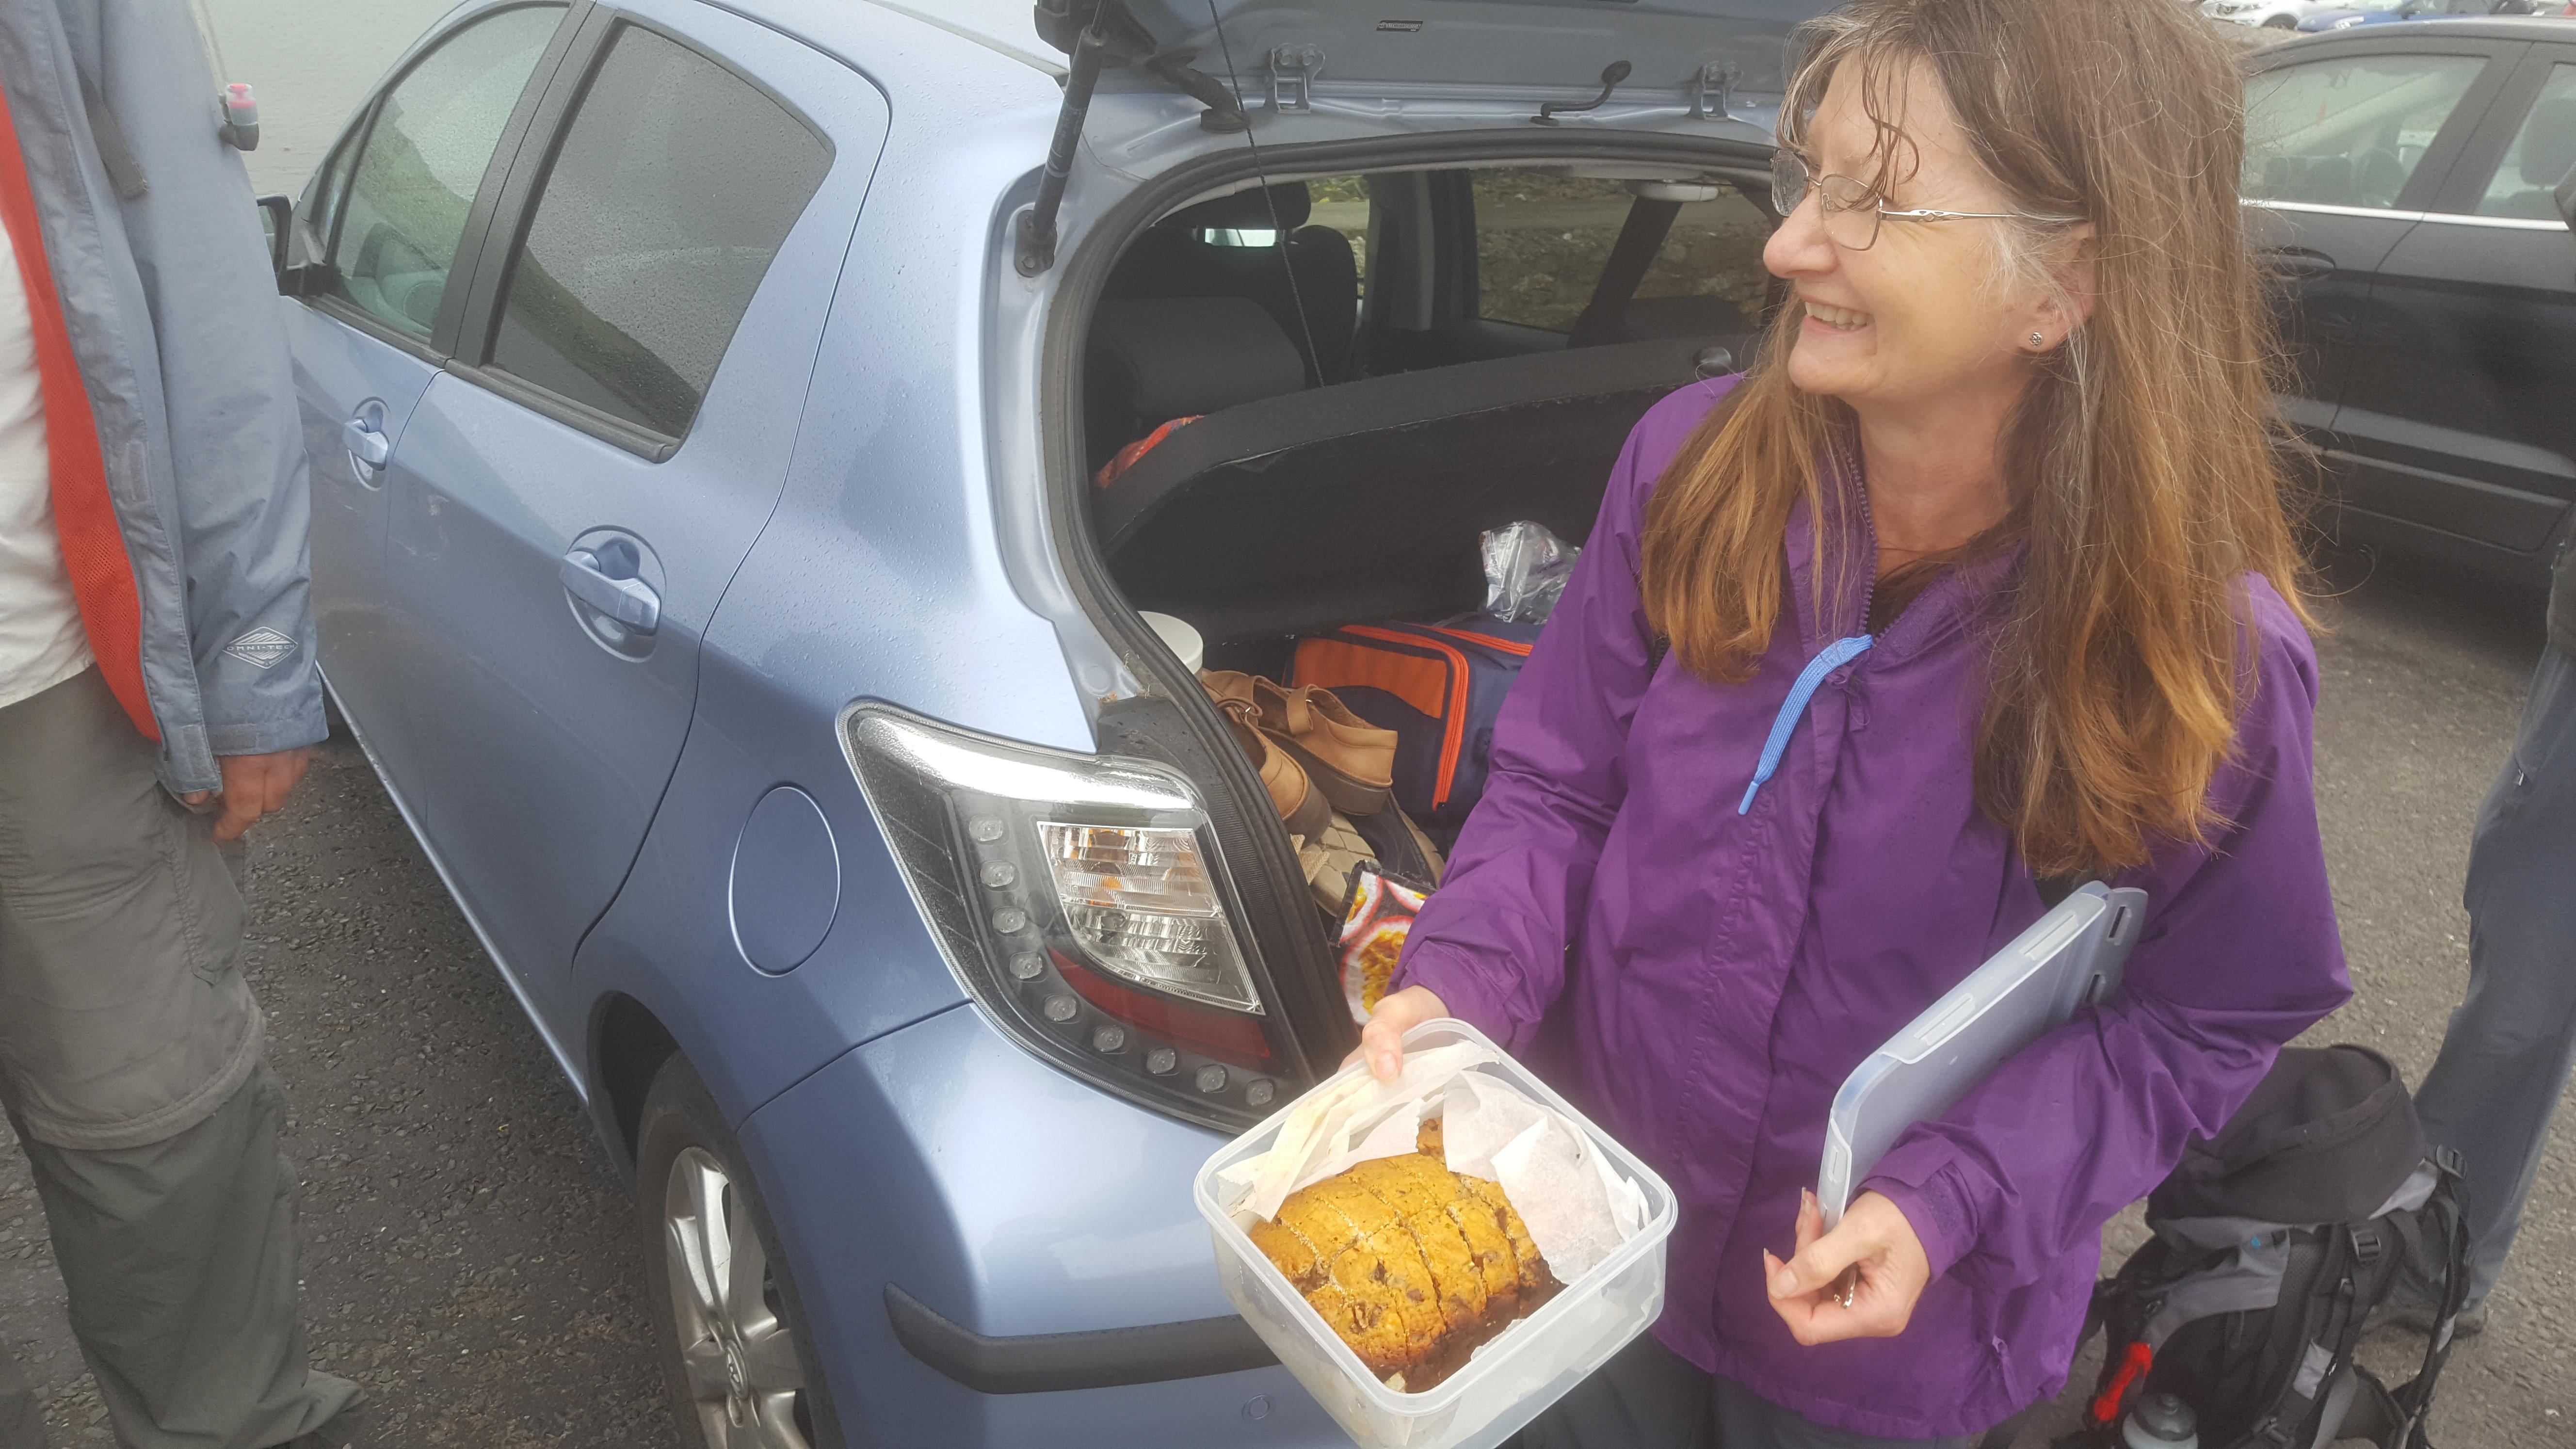 Clare brings cake